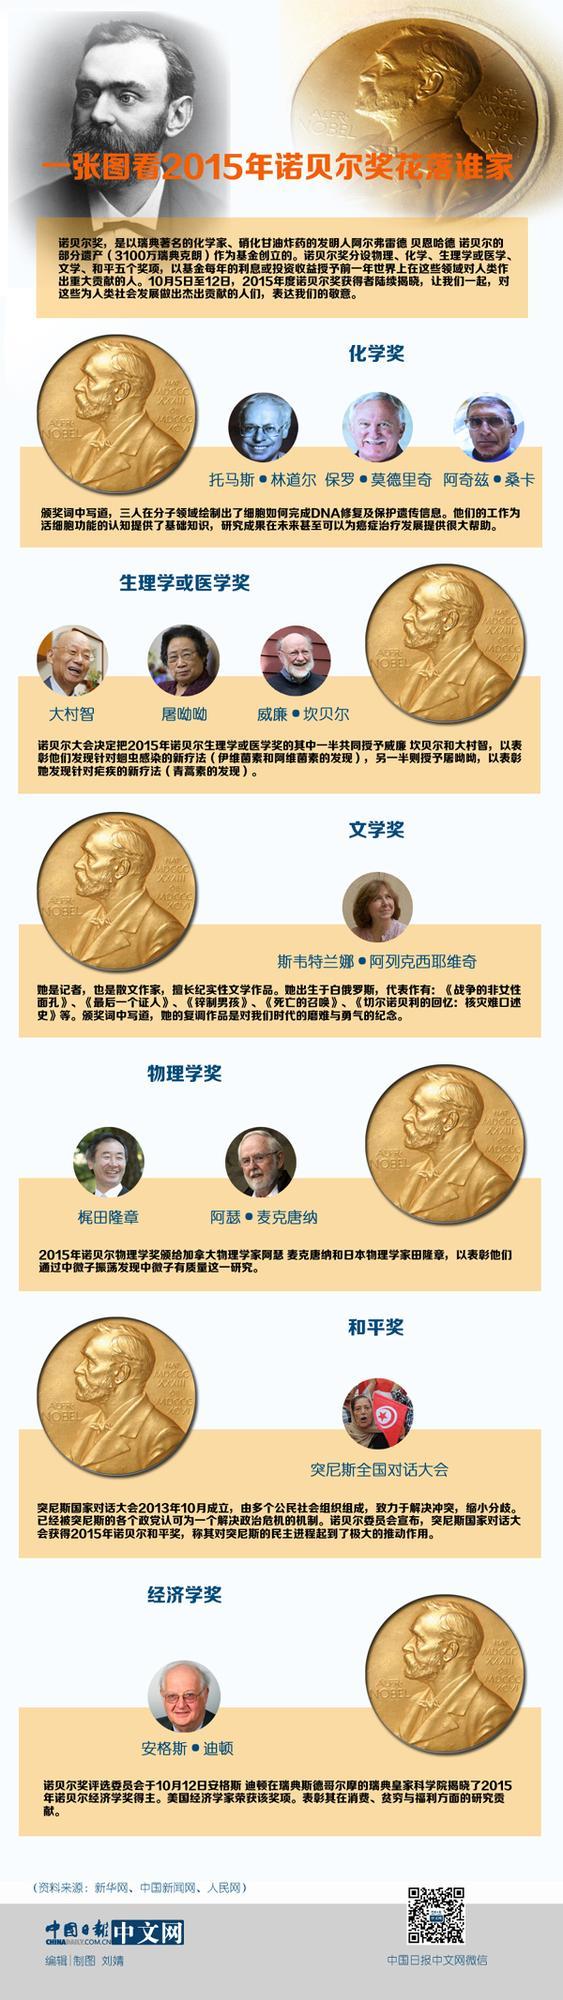 图说天下:一张图看2015年诺贝尔奖花落谁家